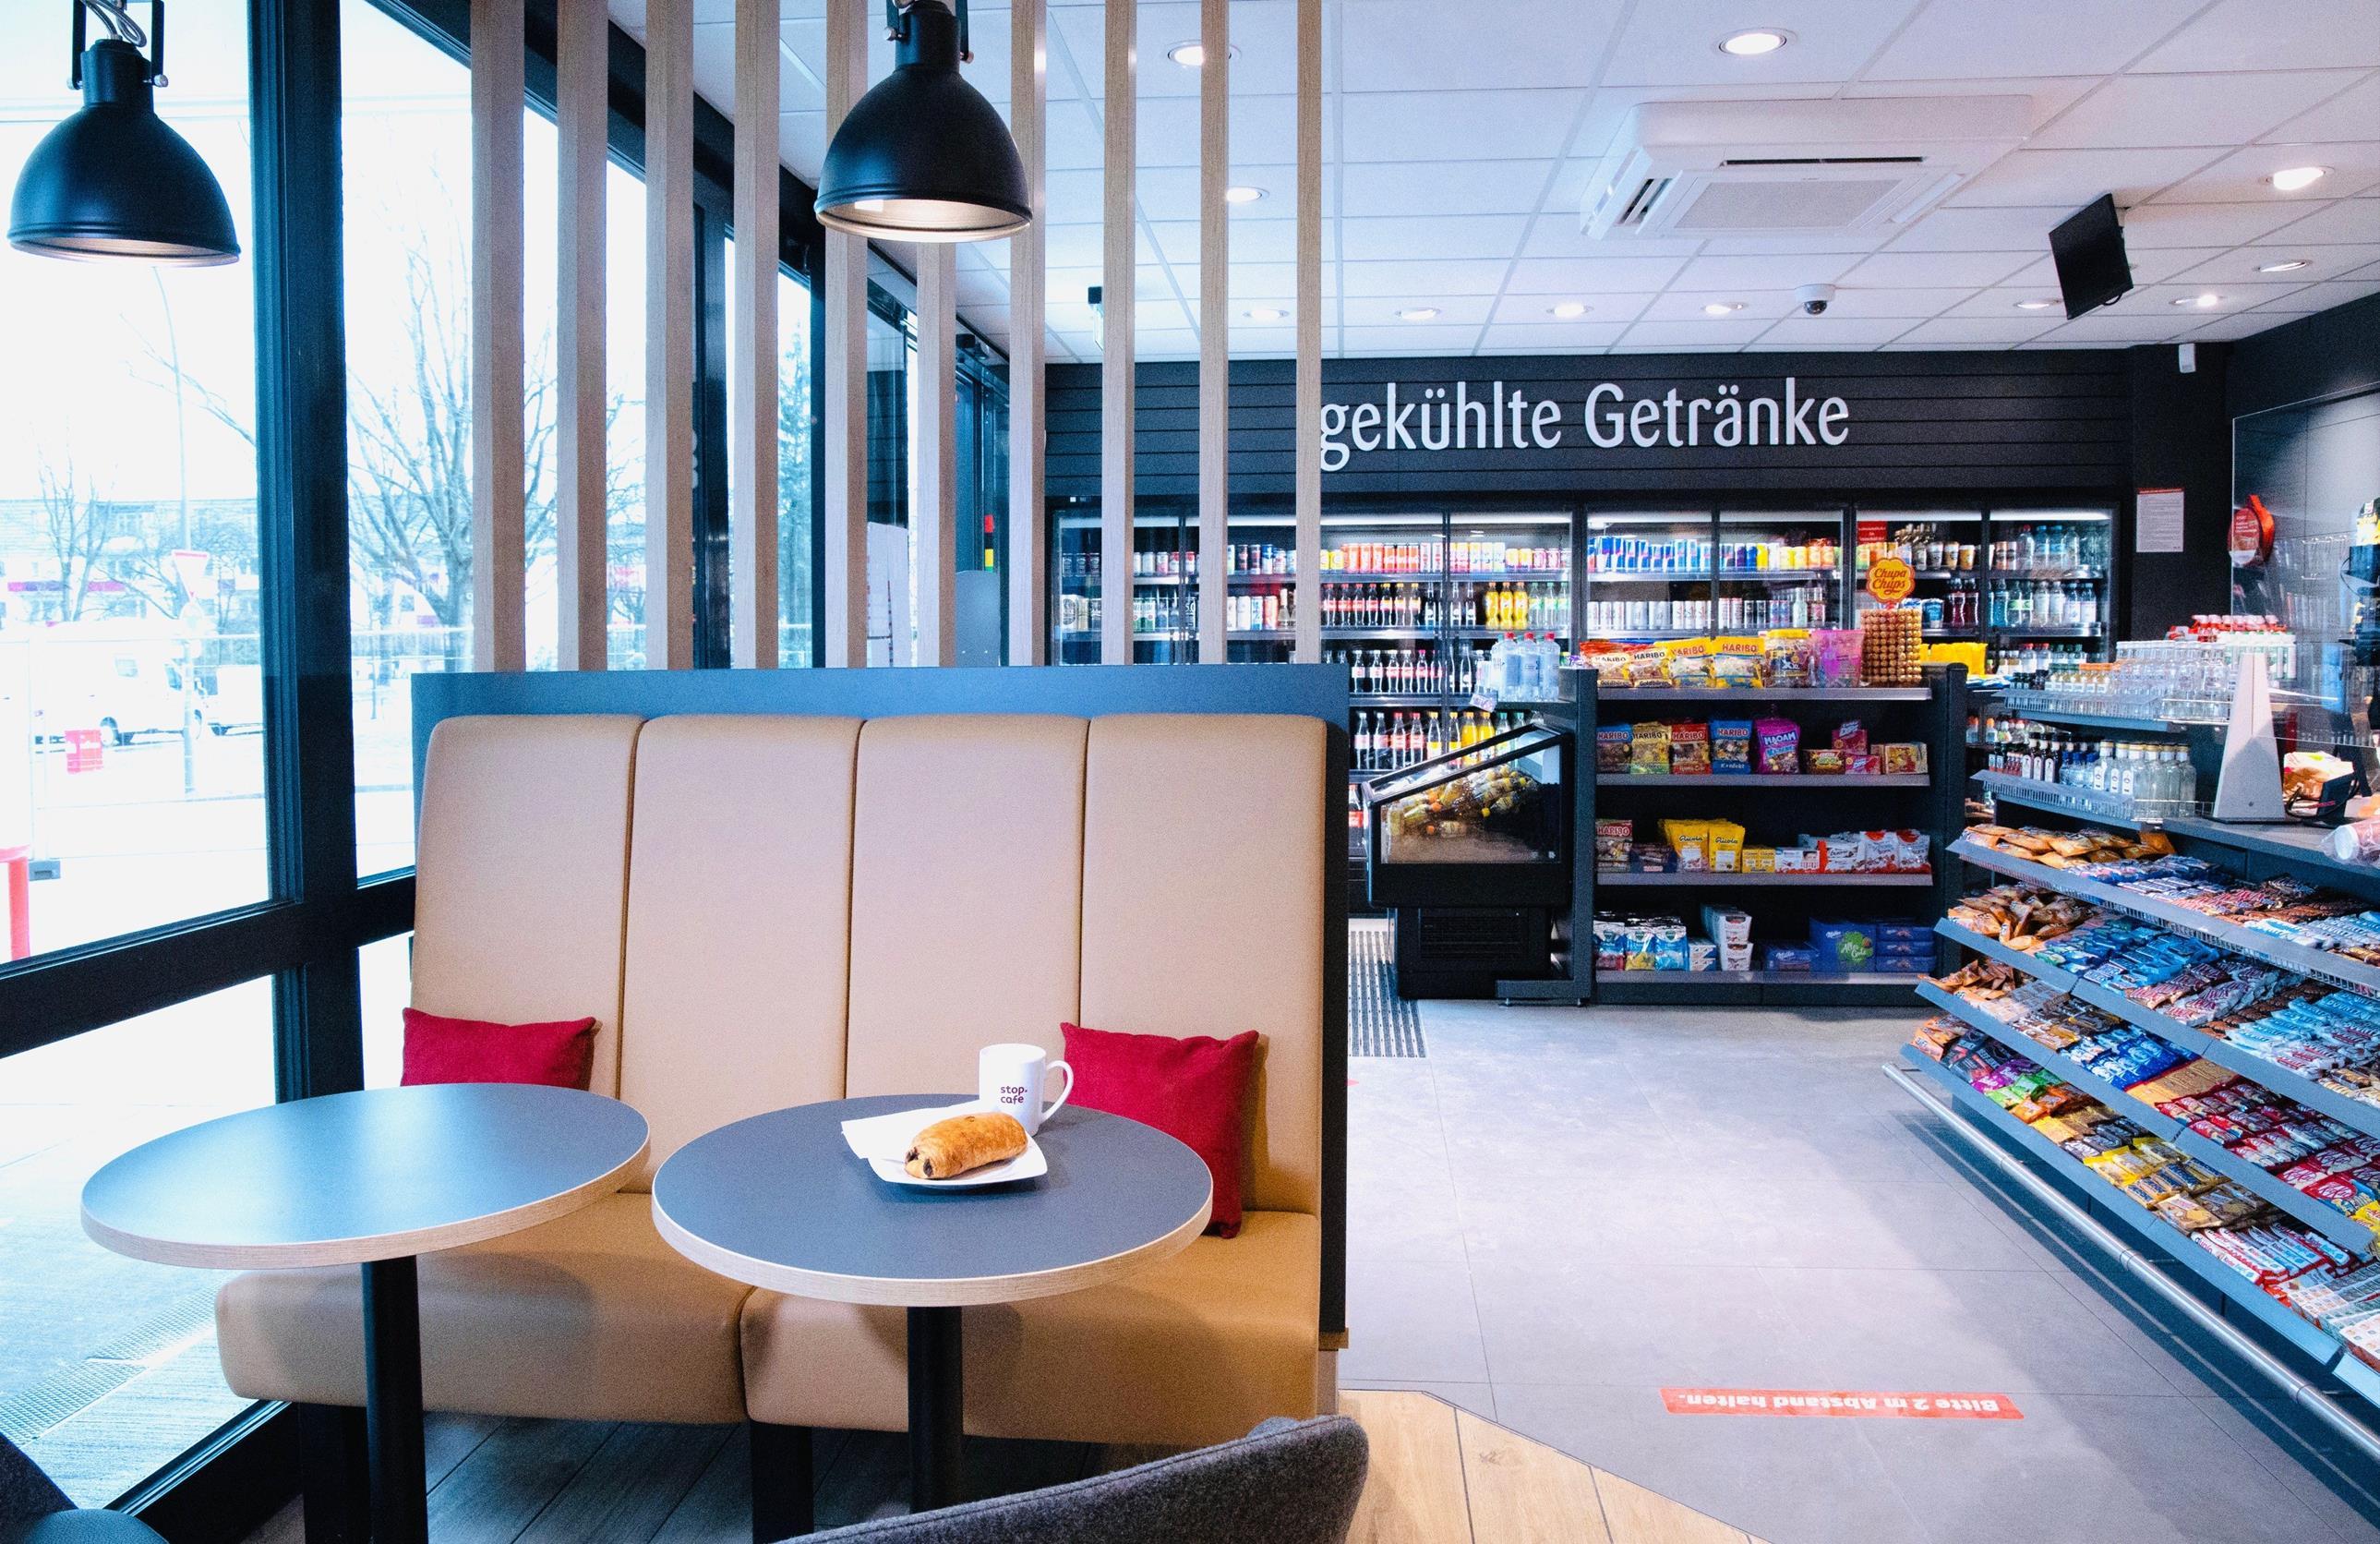 Stacja ORLEN w Hamburgu. Docelowo takie stacje mają być w każdym niemieckim landzie  - Zdjęcie główne